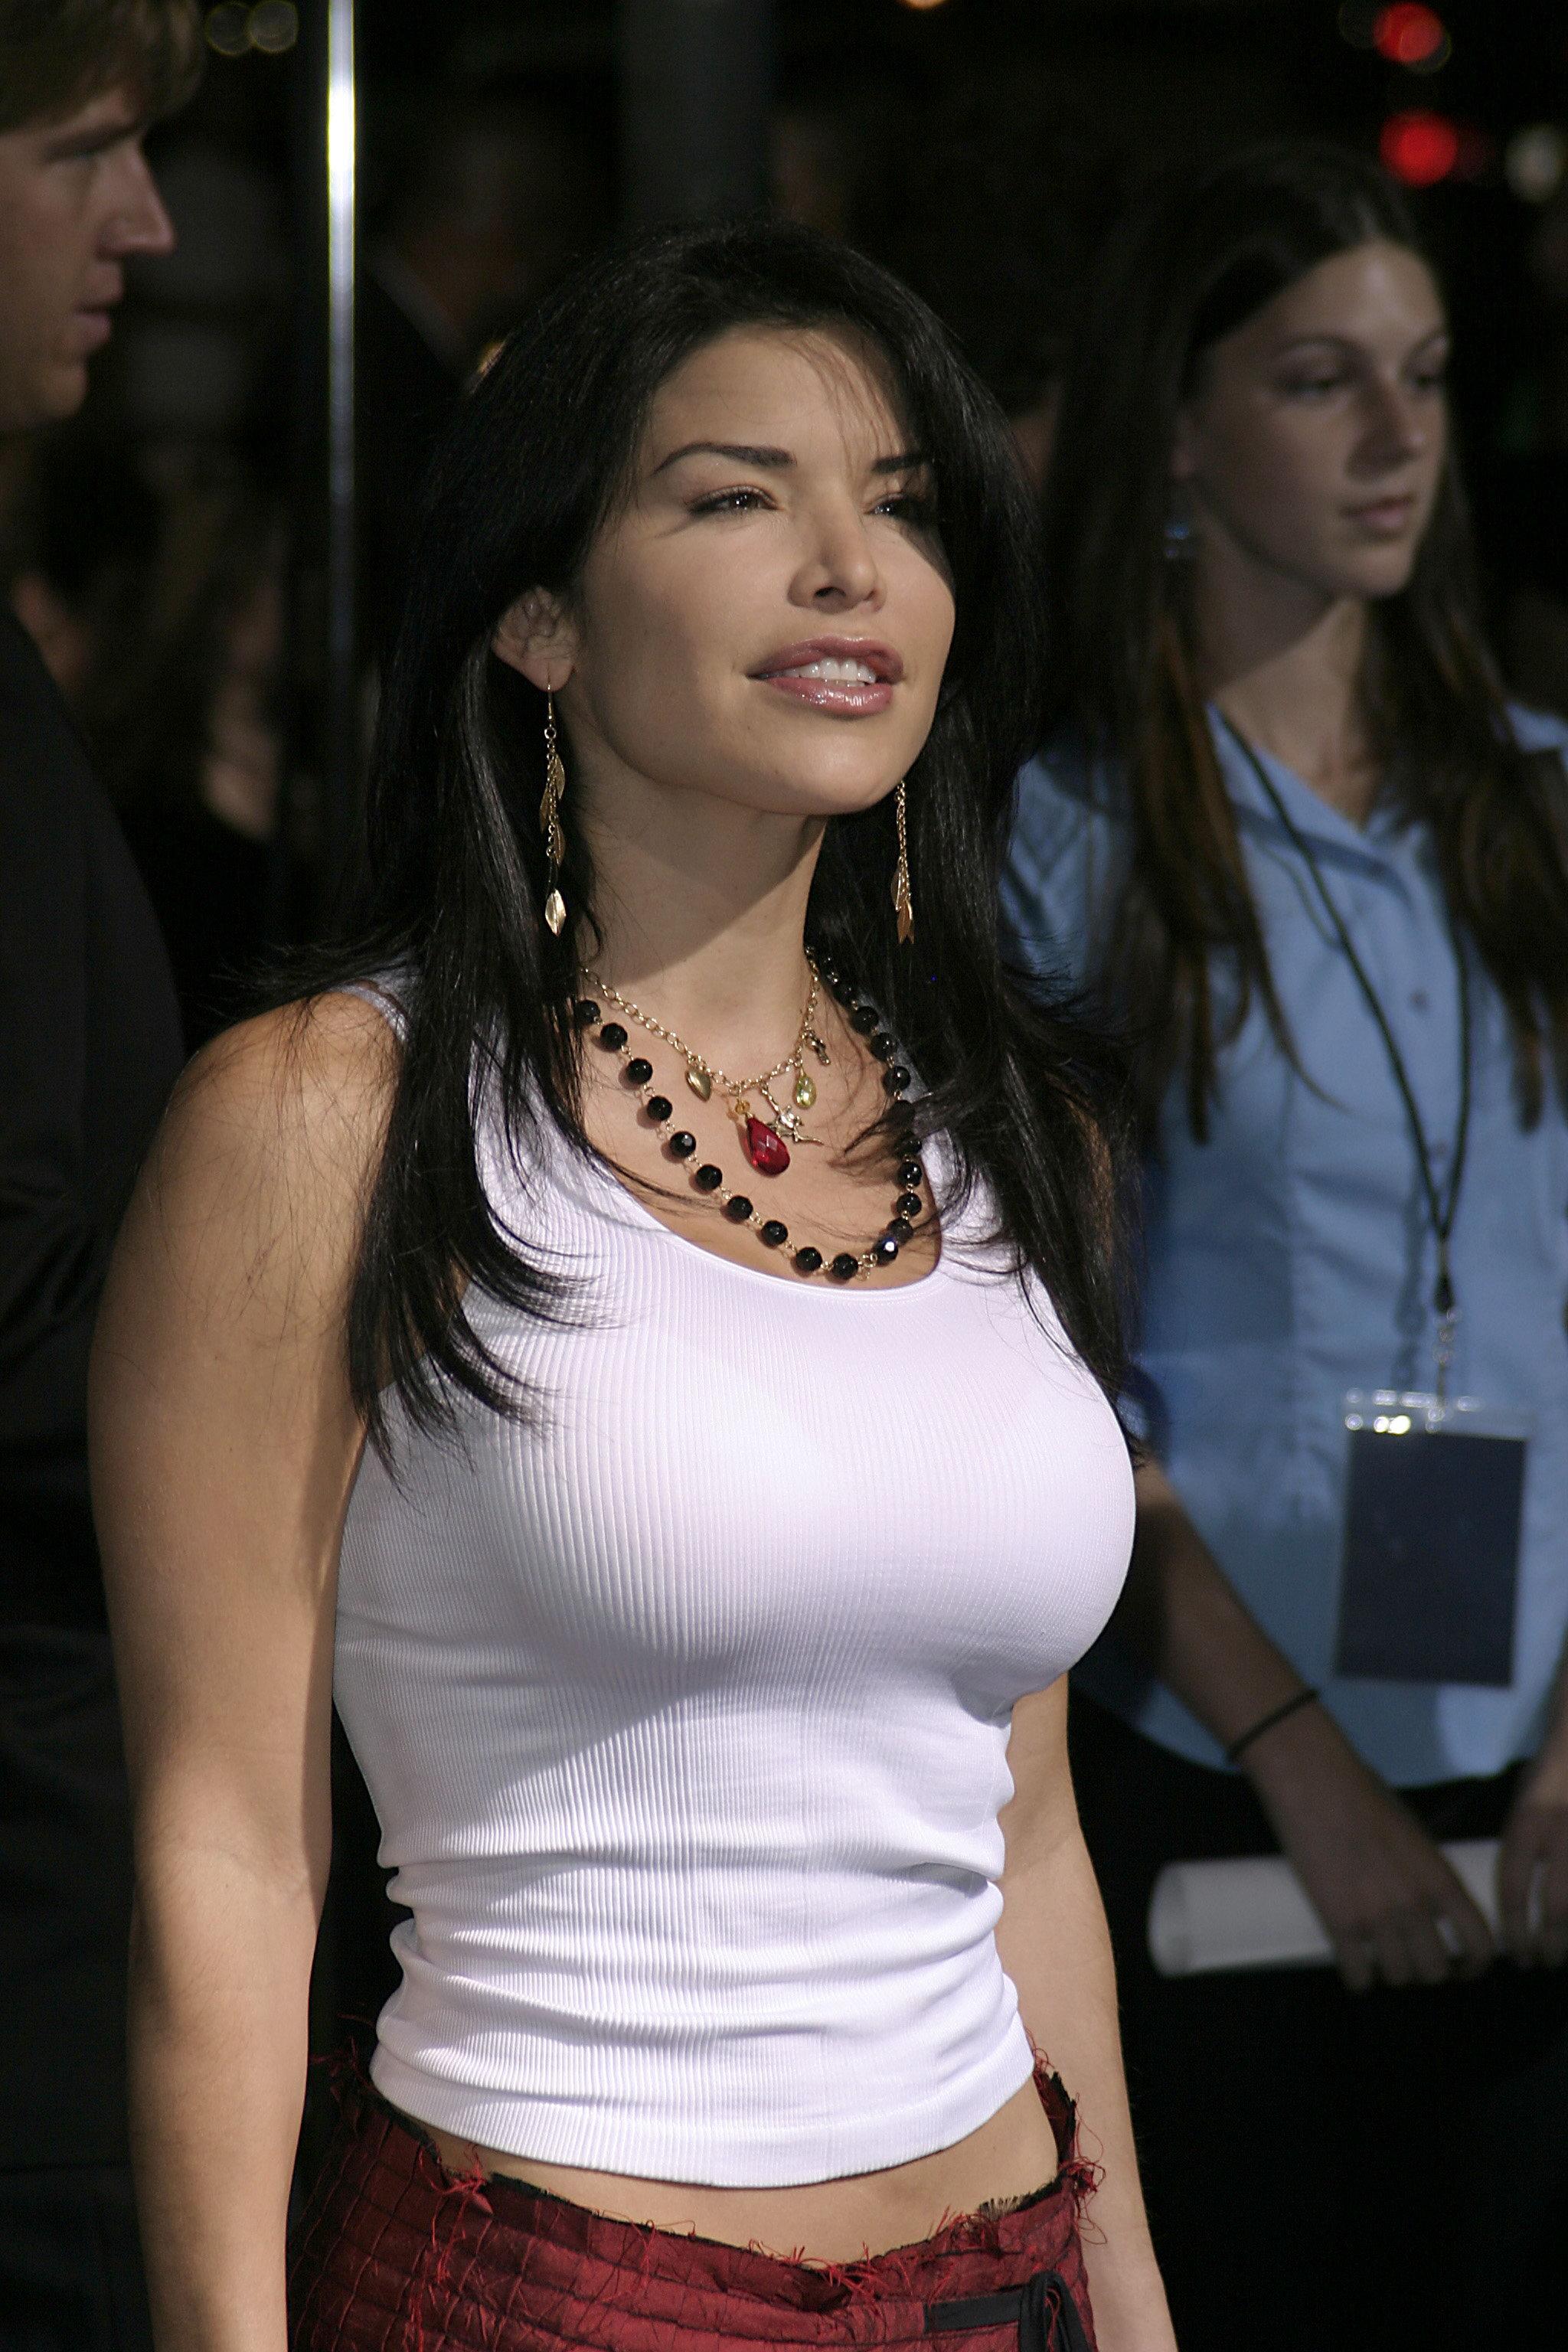 Poze rezolutie mare Lauren Sanchez - Actor - Poza 43 din 88 - CineMagia.ro